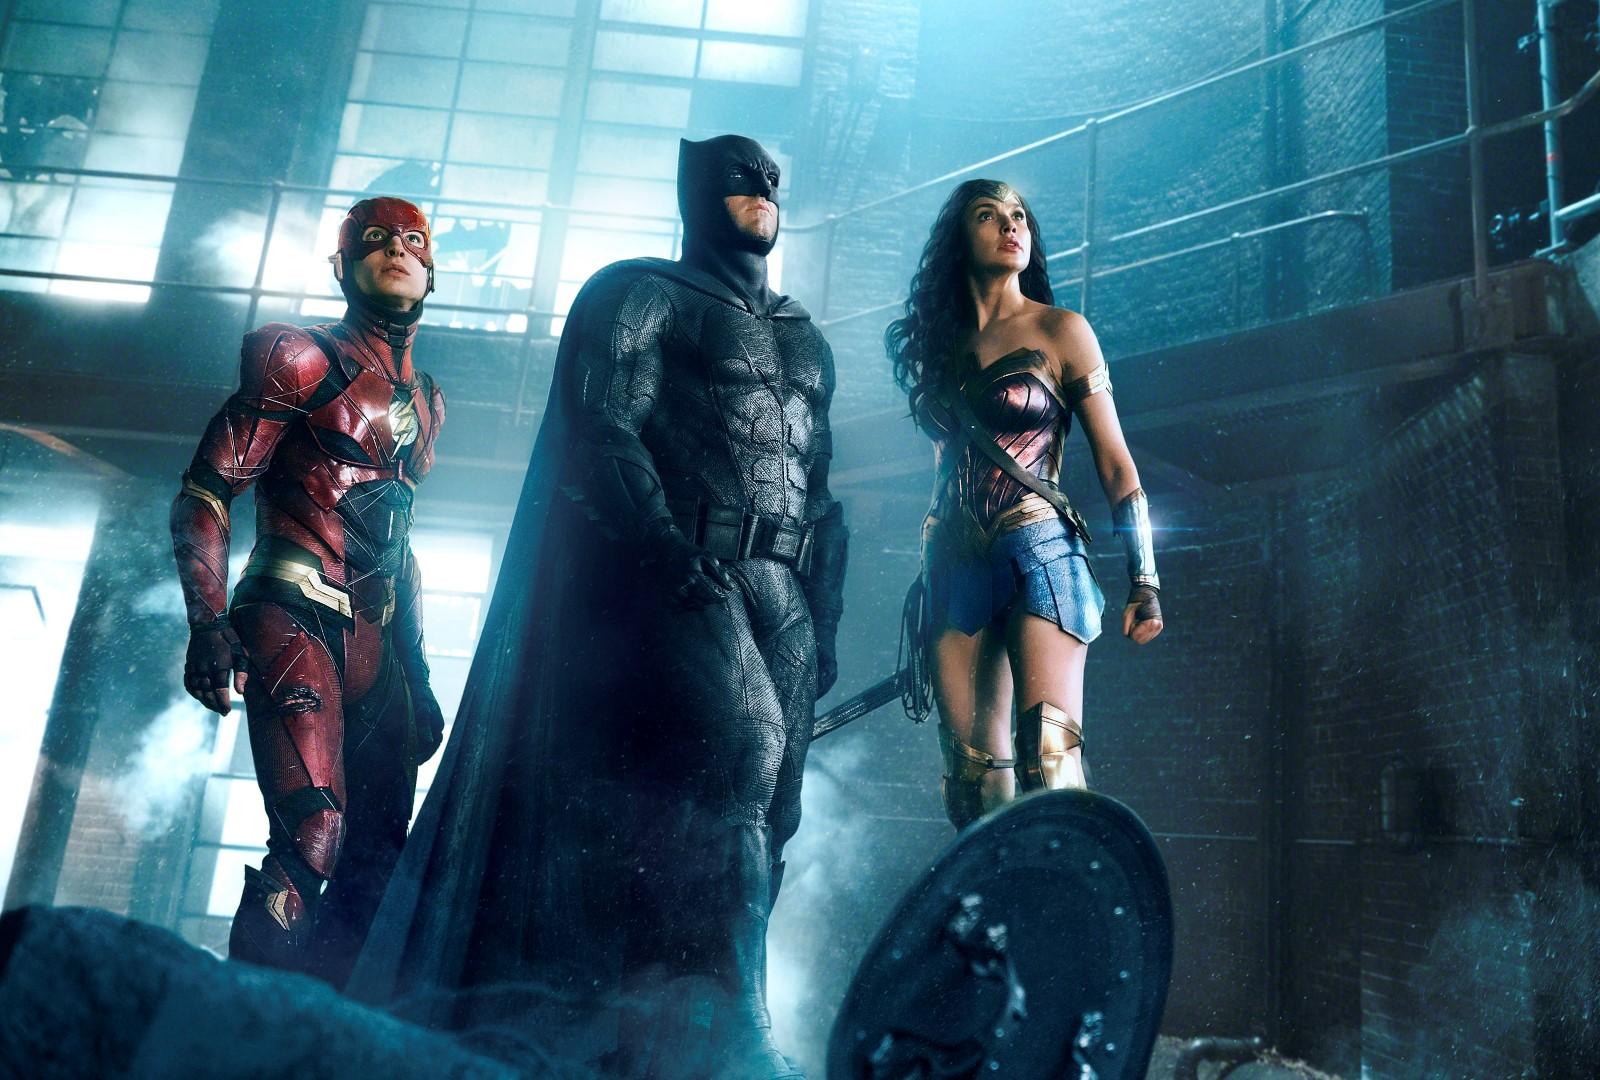 Justice League : la Snyder Cut s'offre un nouveau trailer en noir et blanc